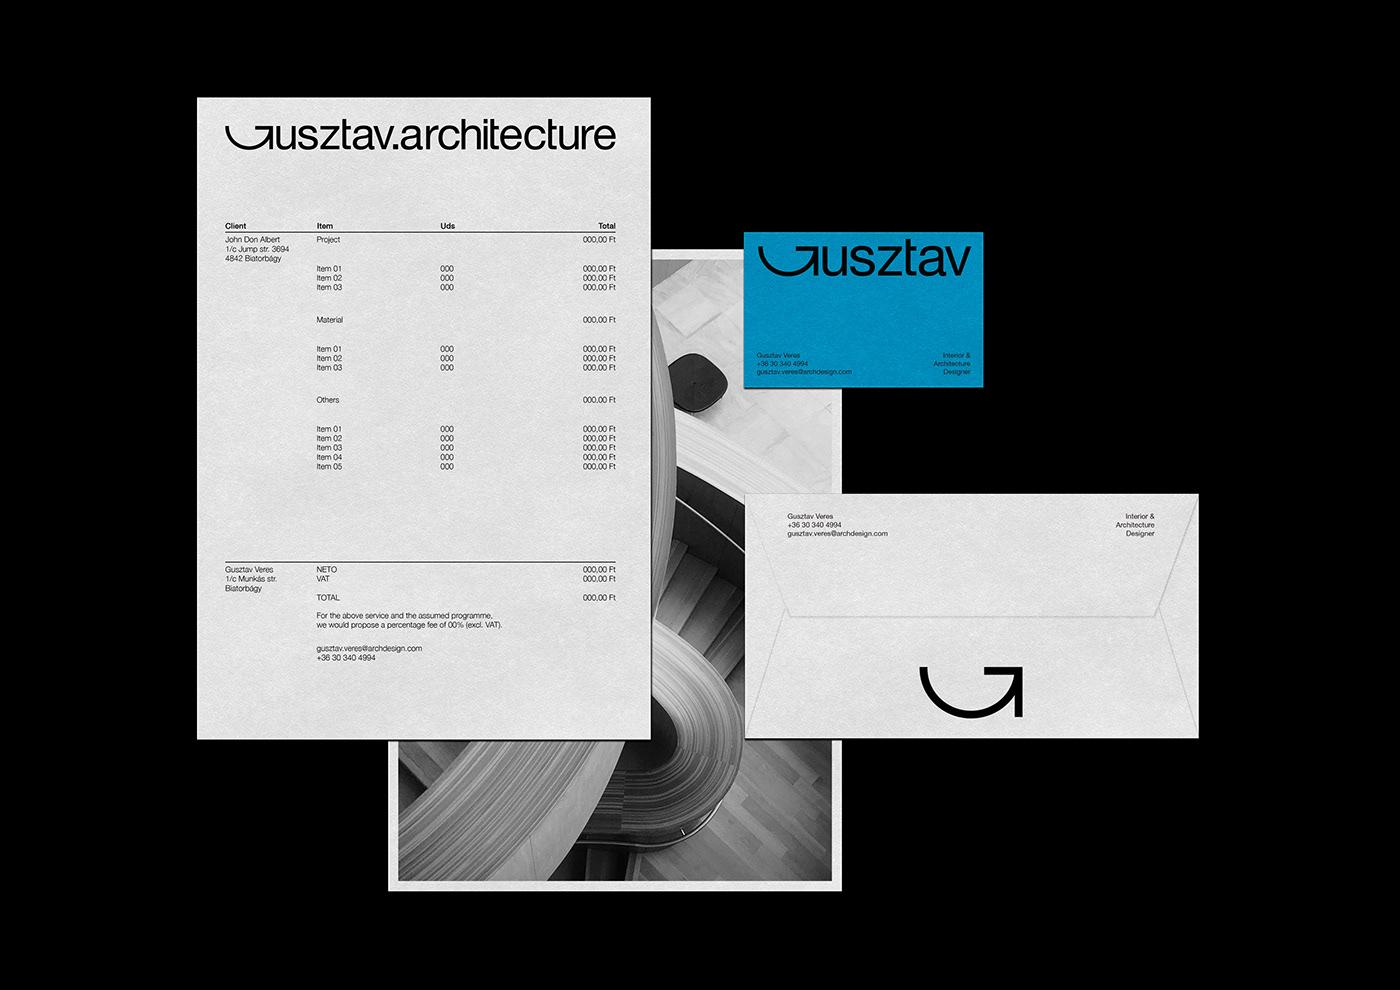 architecture architecture design bauhaus brand identity branding  graphic design  Interior interior design  logo UI/UX